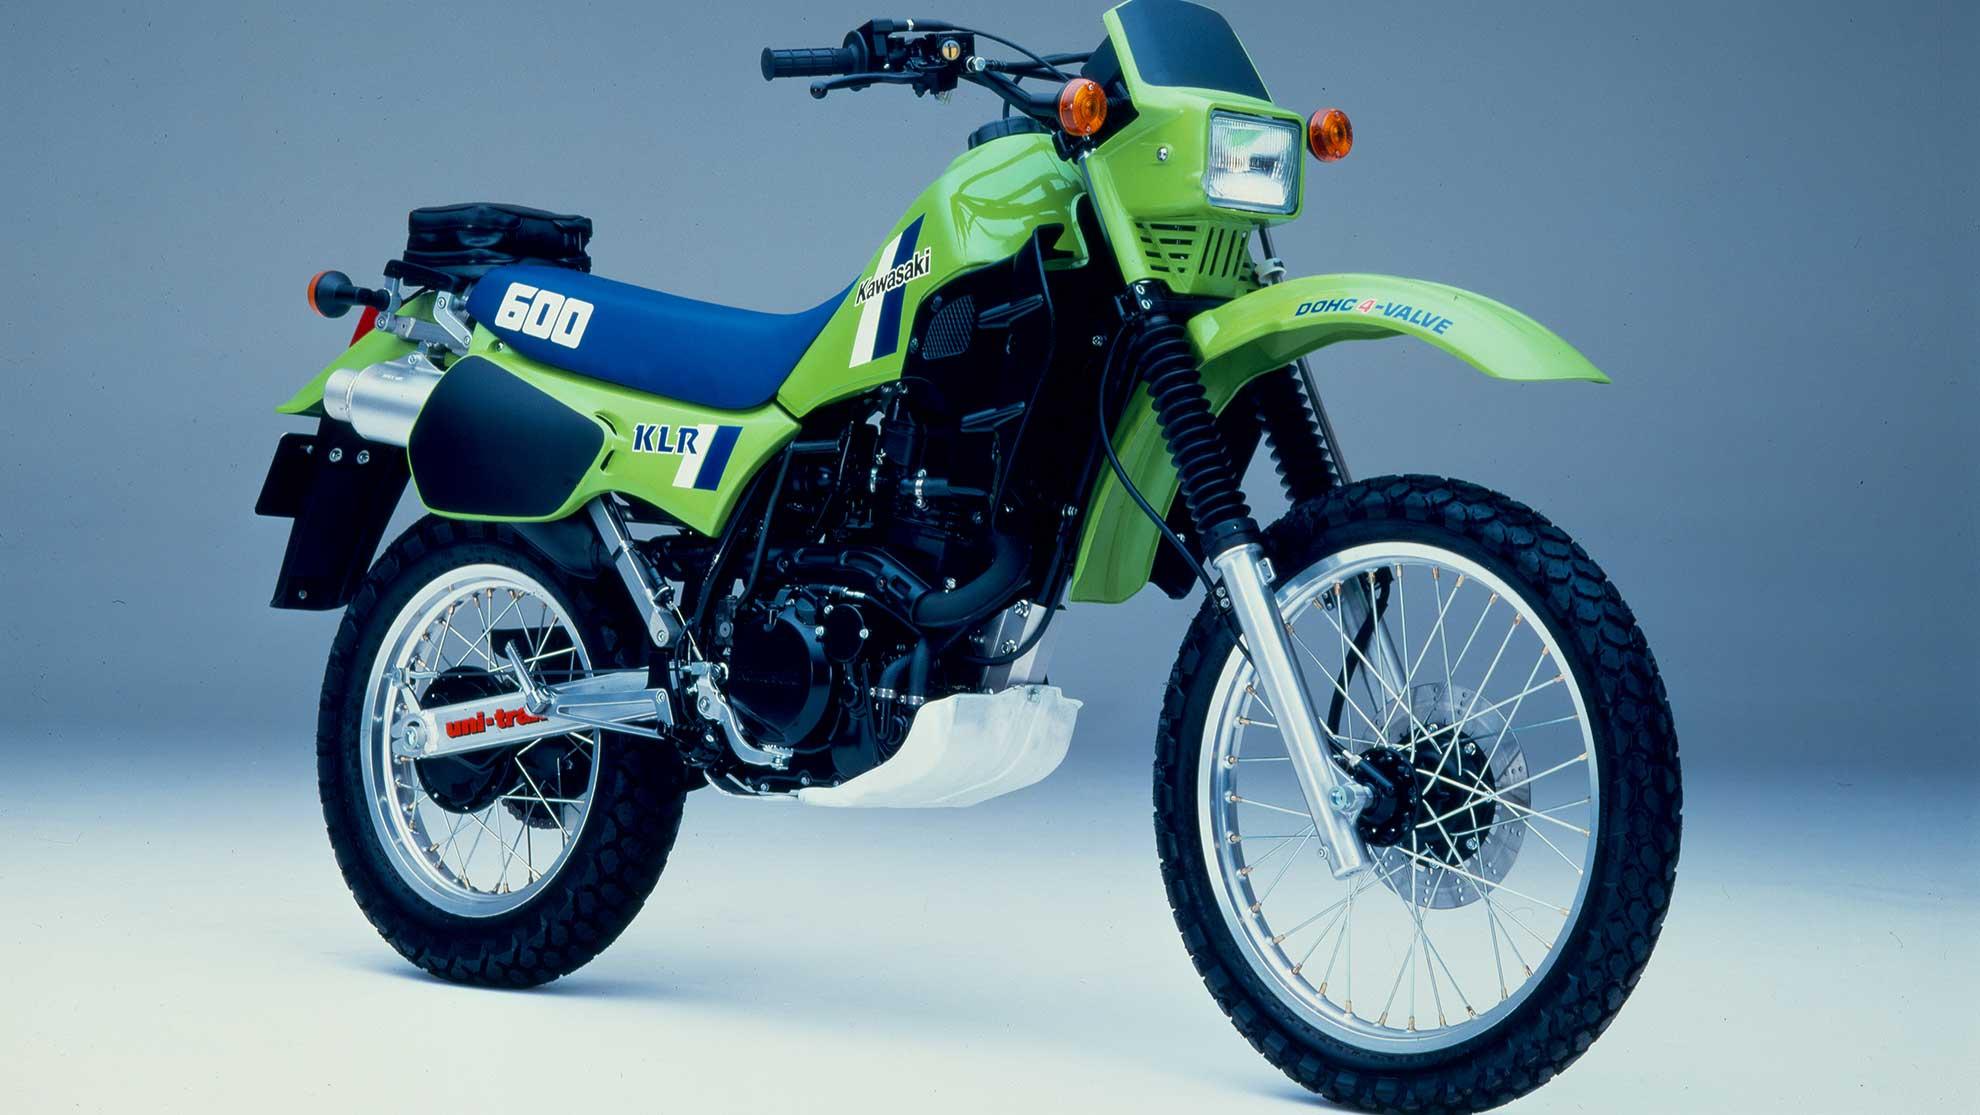 1984-k2-gross-KLR-600-A-1984